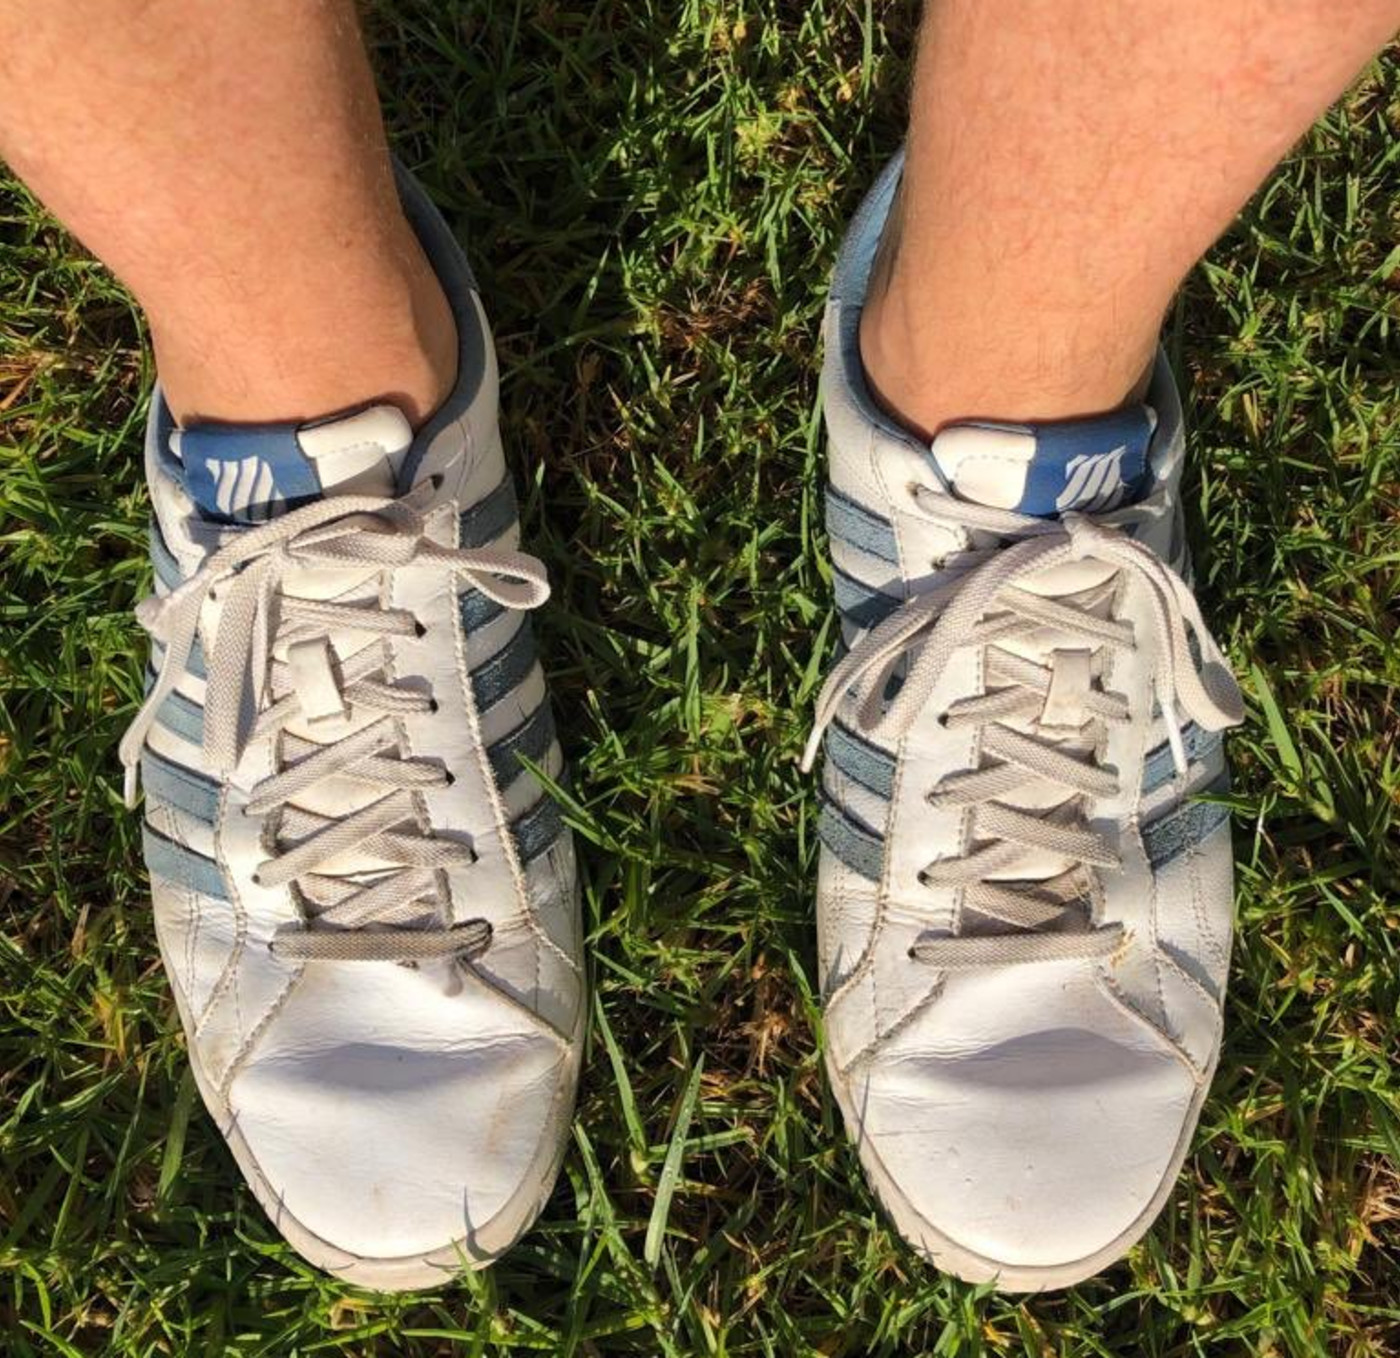 Scott Morrison K-Swiss Shoes